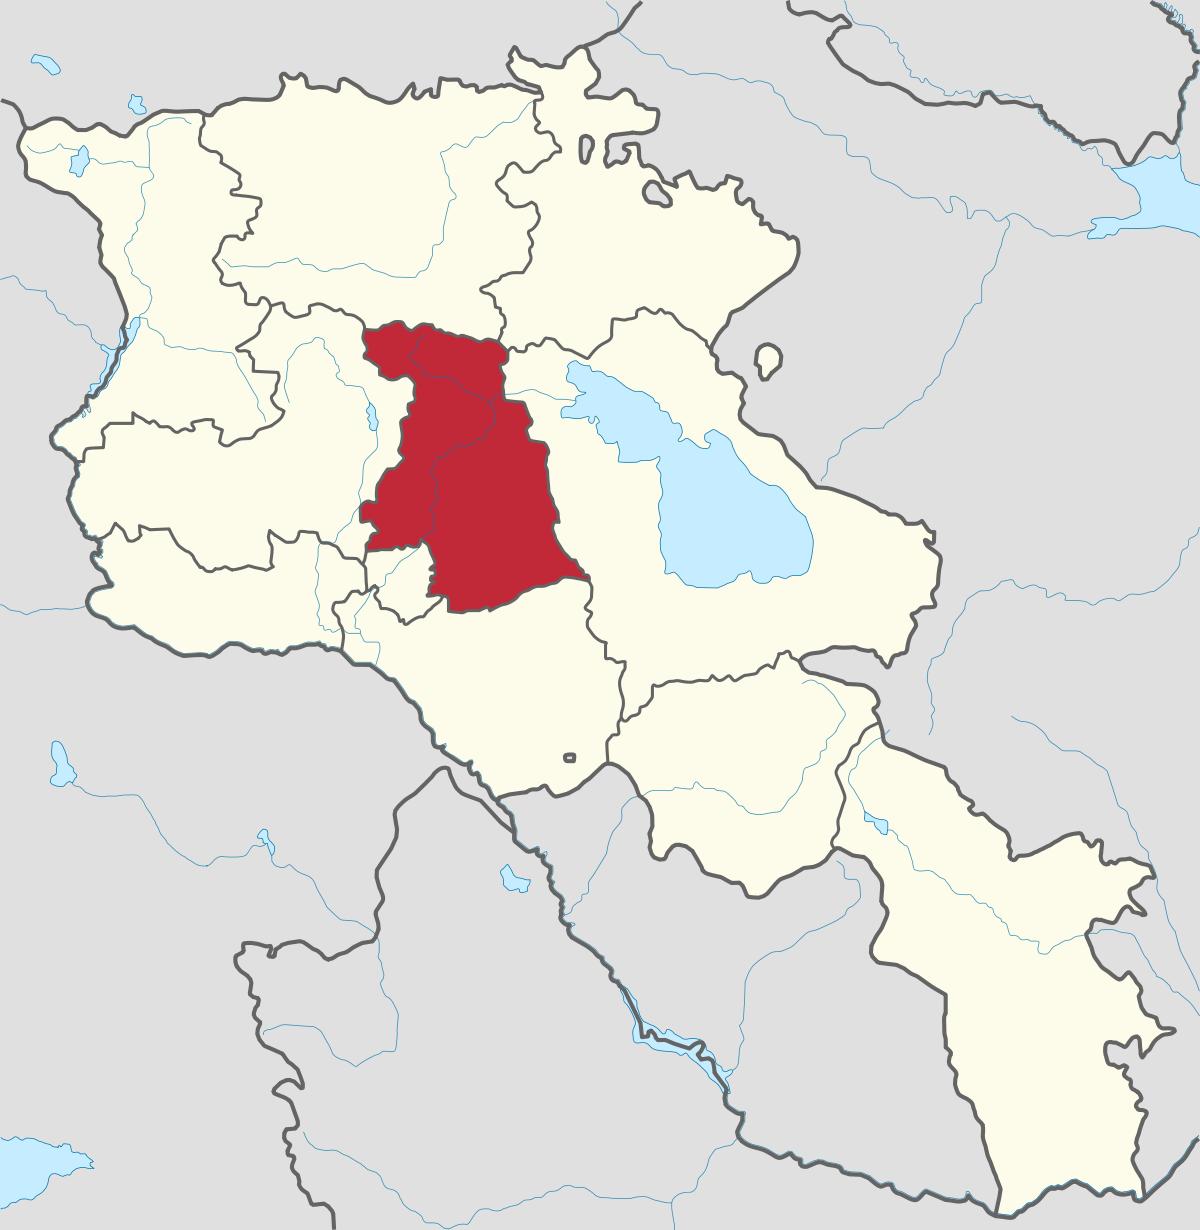 Kotayk Region